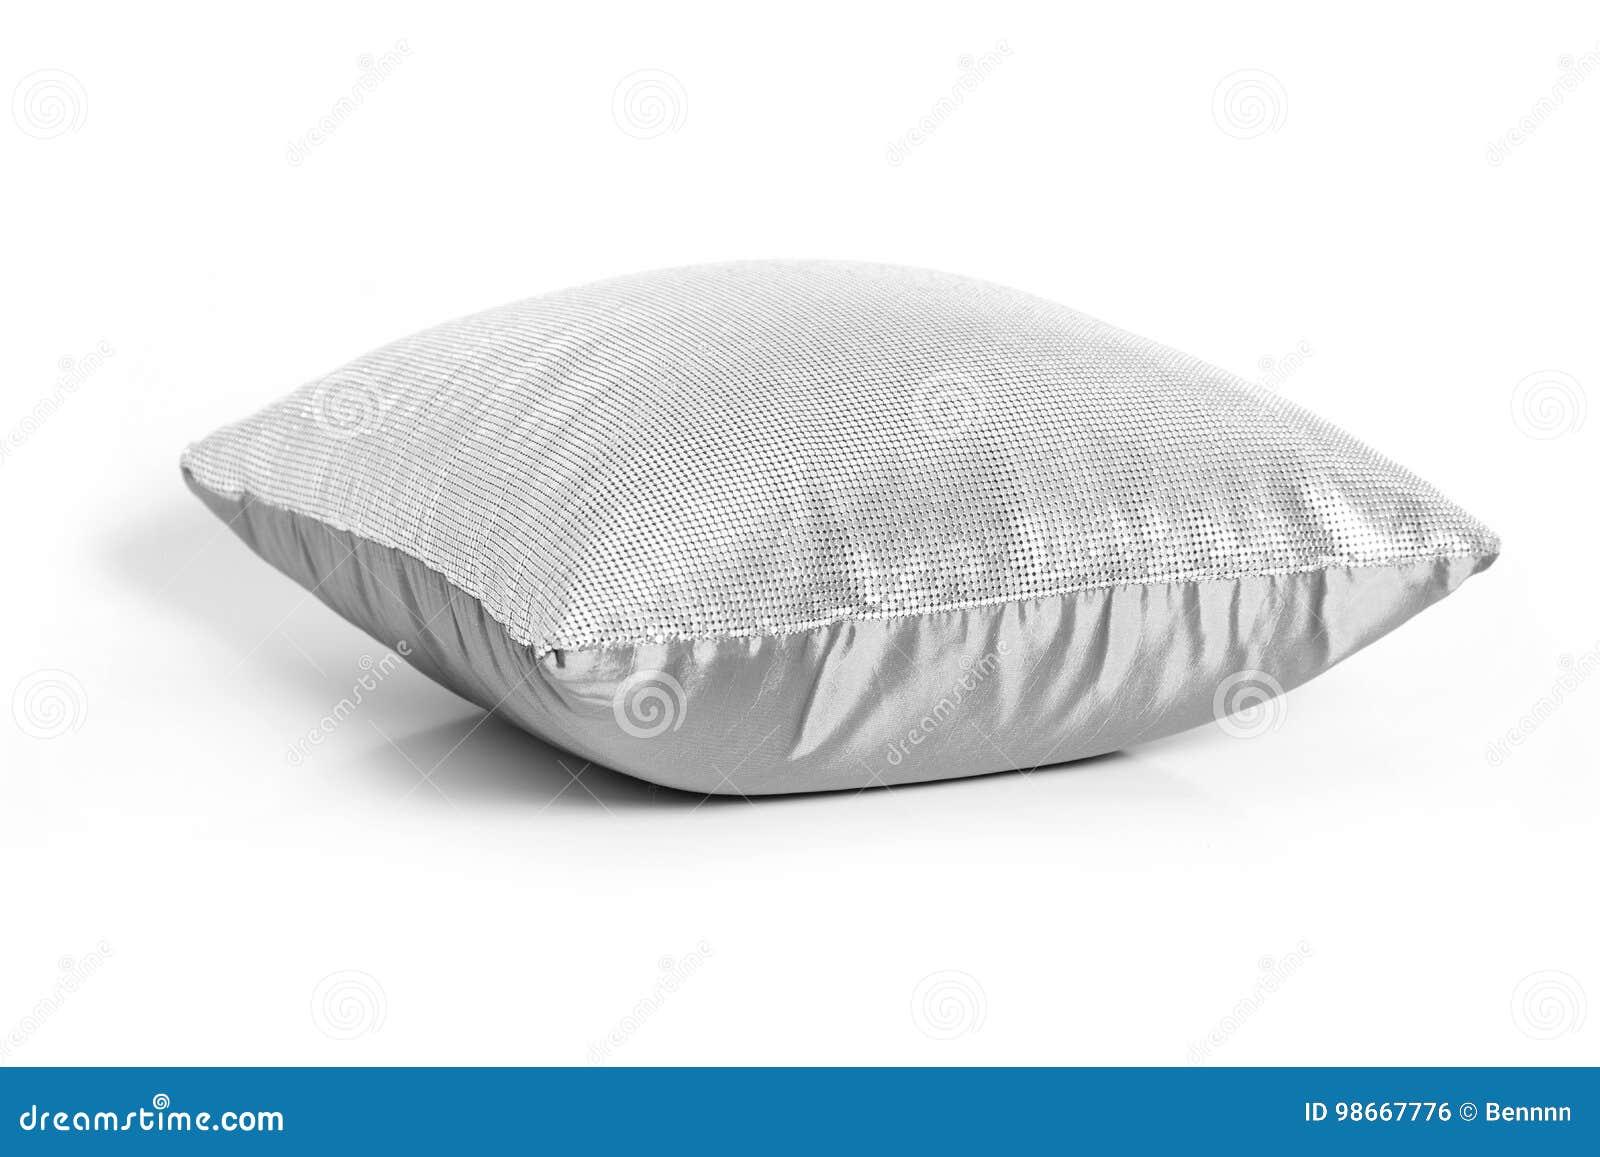 Gray cushion on white